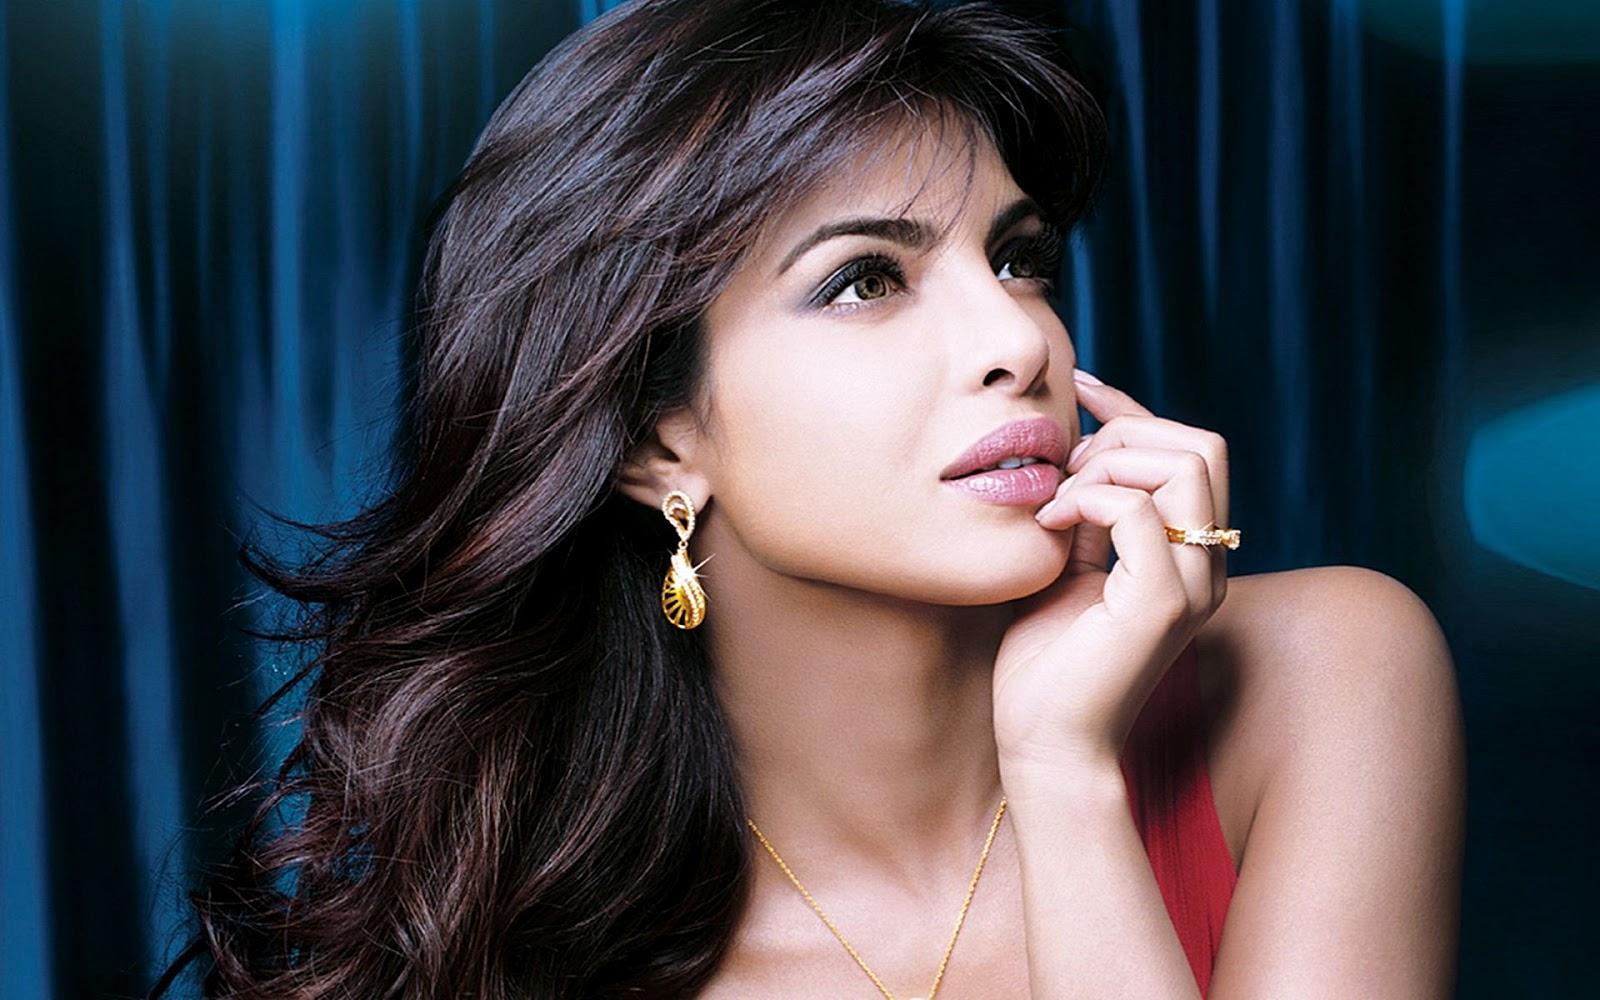 Beautiful Priyanka Chopra Hd Wallpaper - All 4U Stars -4289